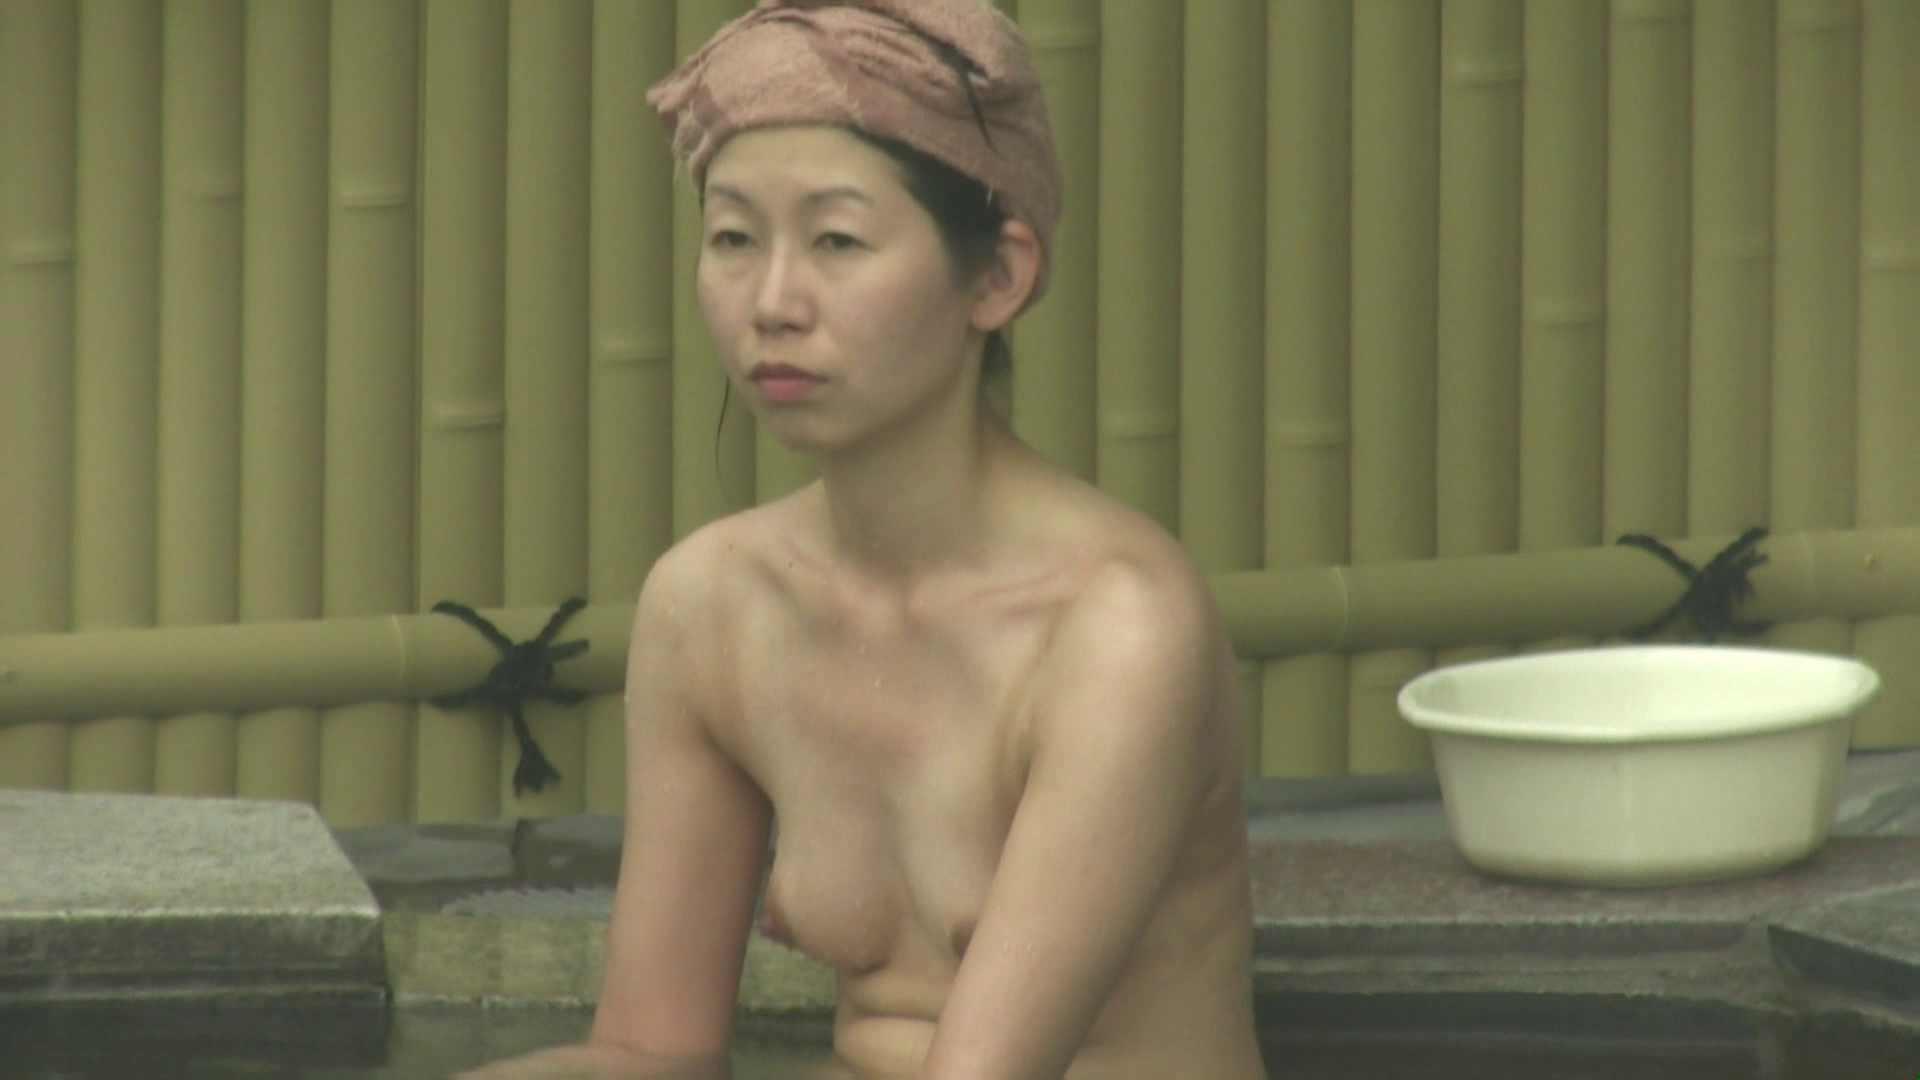 高画質露天女風呂観察 vol.023 乙女のエロ動画 SEX無修正画像 76PIX 10